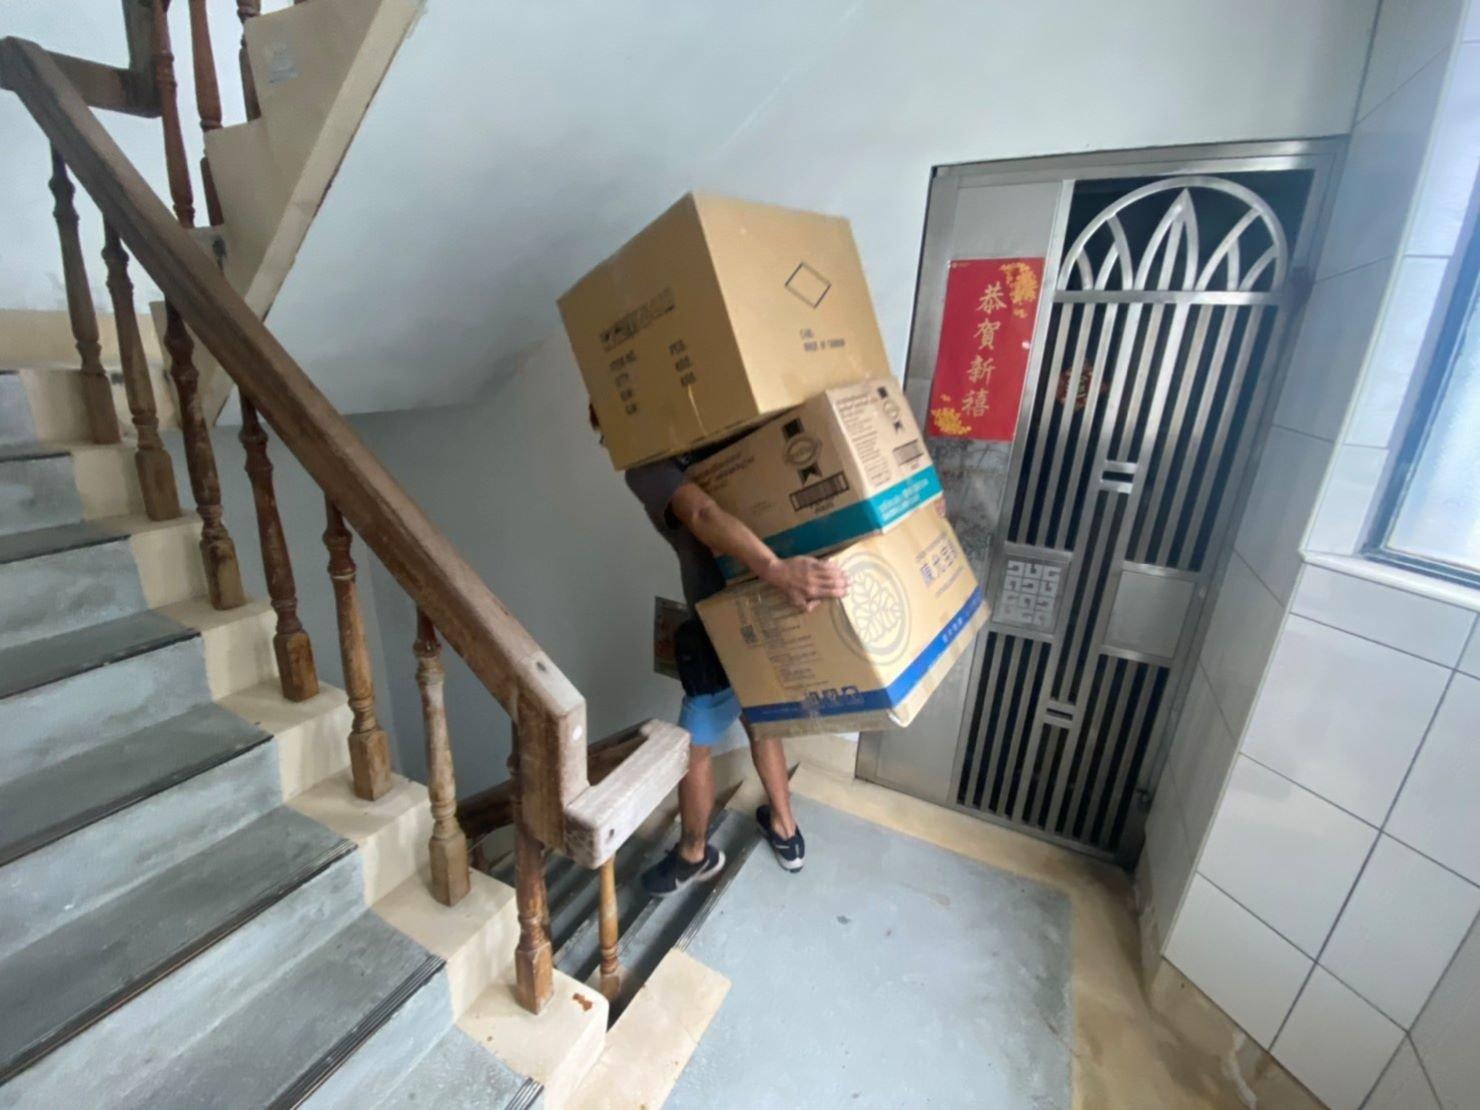 【榮福搬家公司】搬家首選、搬家公司推薦:優質搬家,包裝搬運「細膩包裝、專業搬運、用心服務、以客為尊」是榮福搬家公司的宗旨與精神。歡迎立即來電02-2651-2727專人服務。系統式家具拆裝找專業的榮福搬家就對了。